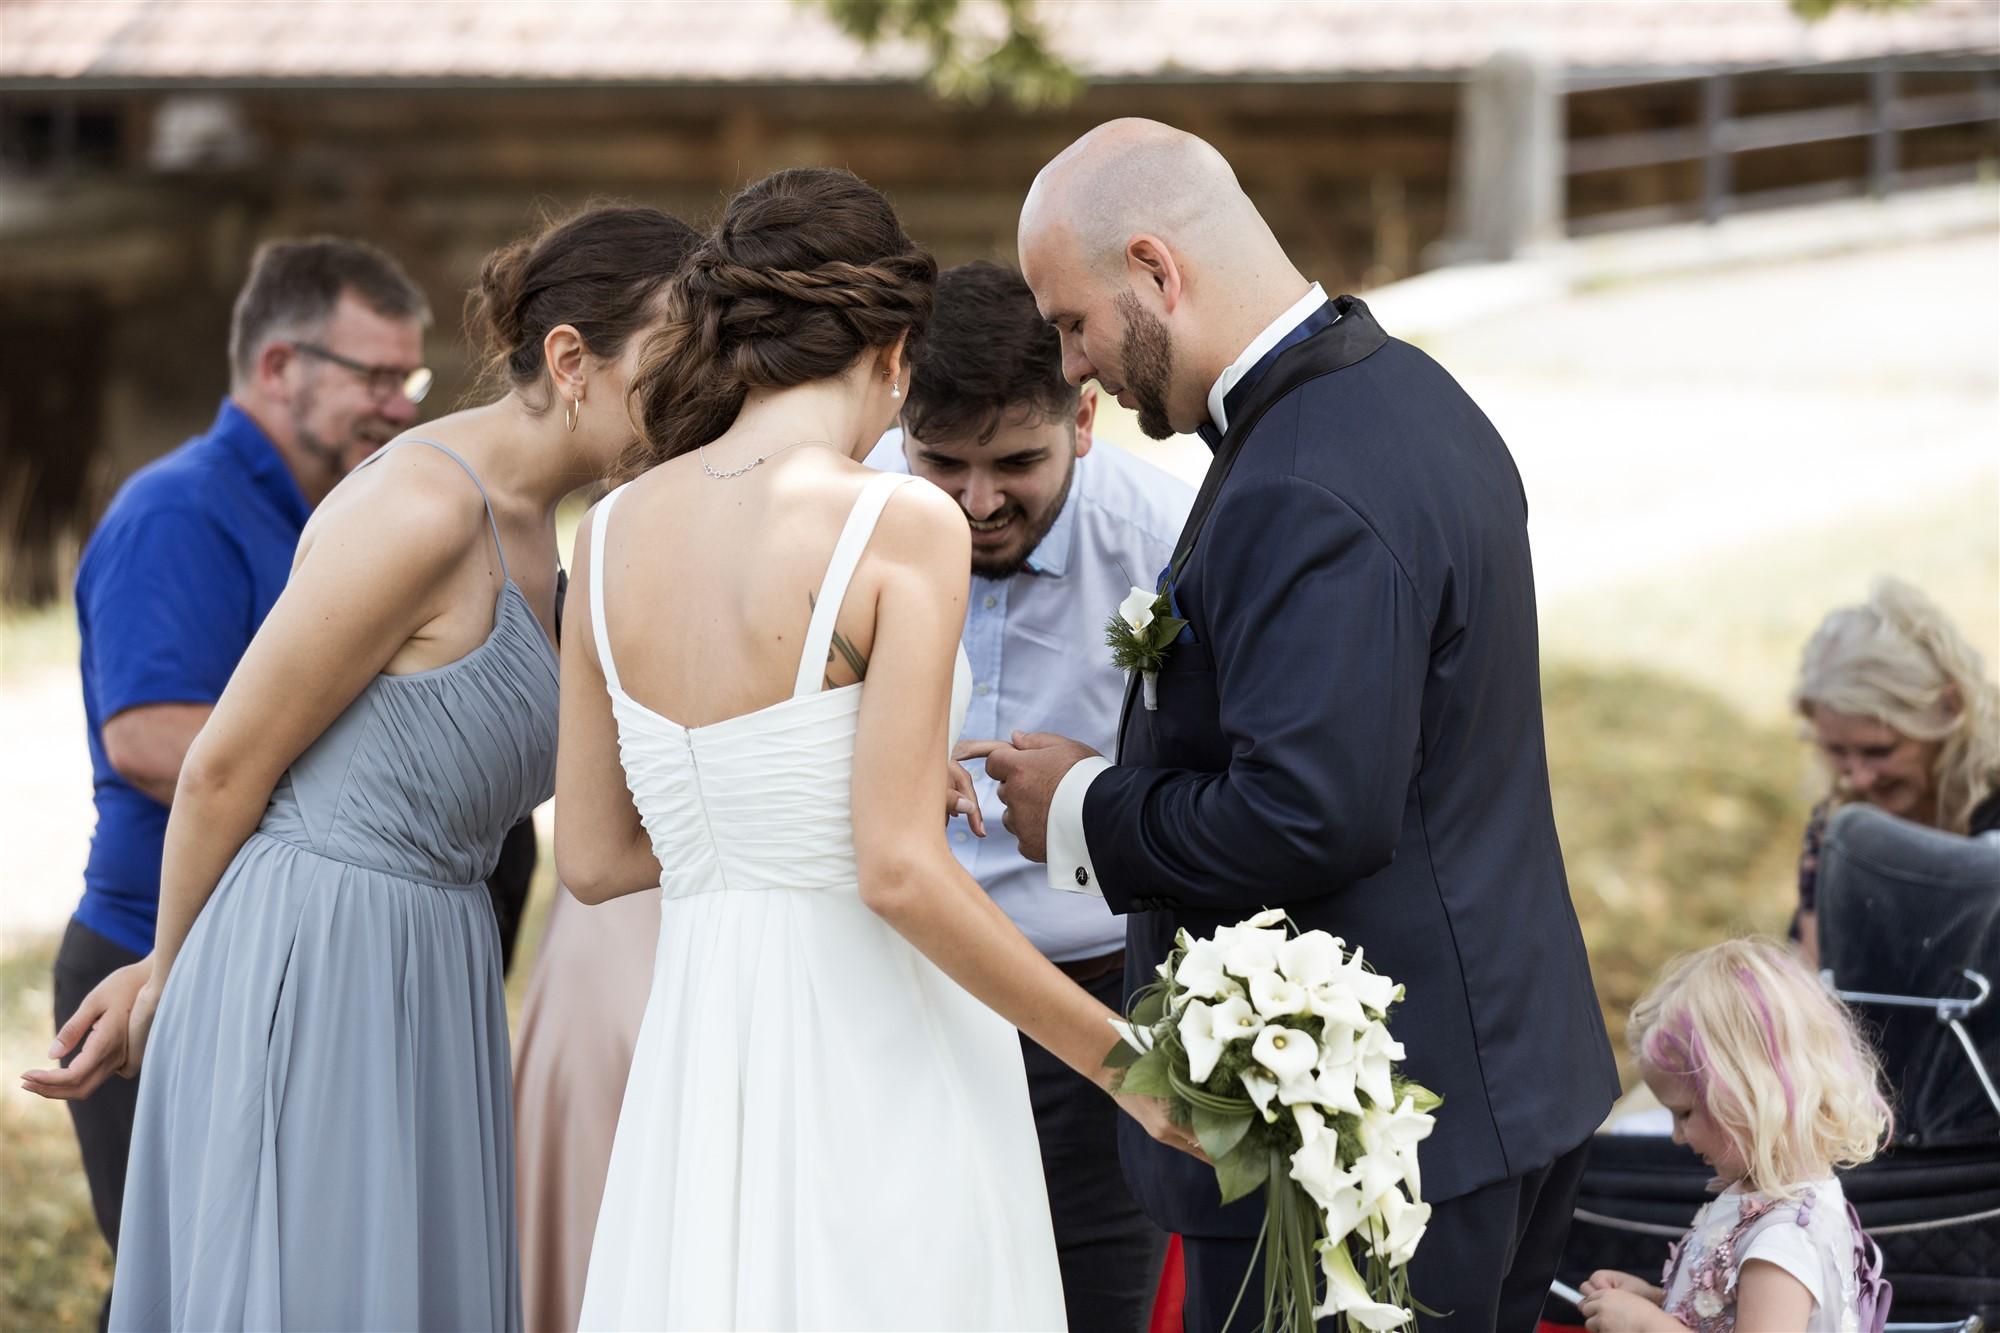 Hochzeit Schloss Wildenstein - Das Brautpaar und die Gäste bewundern das Ringtattoo an